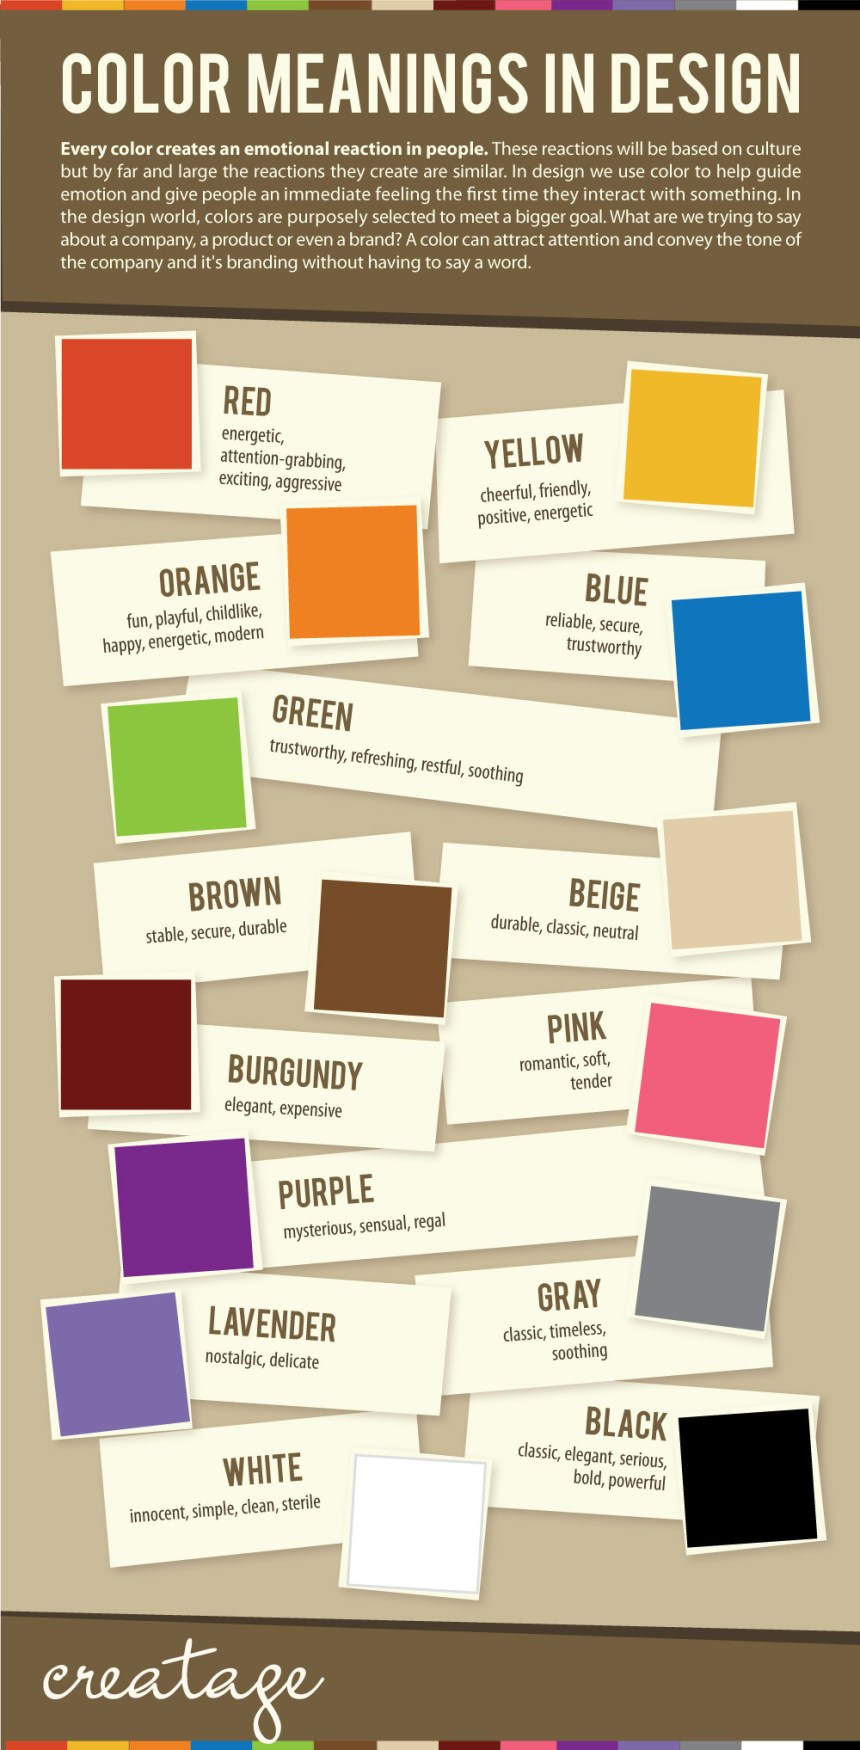 Significado de los colores en diseño